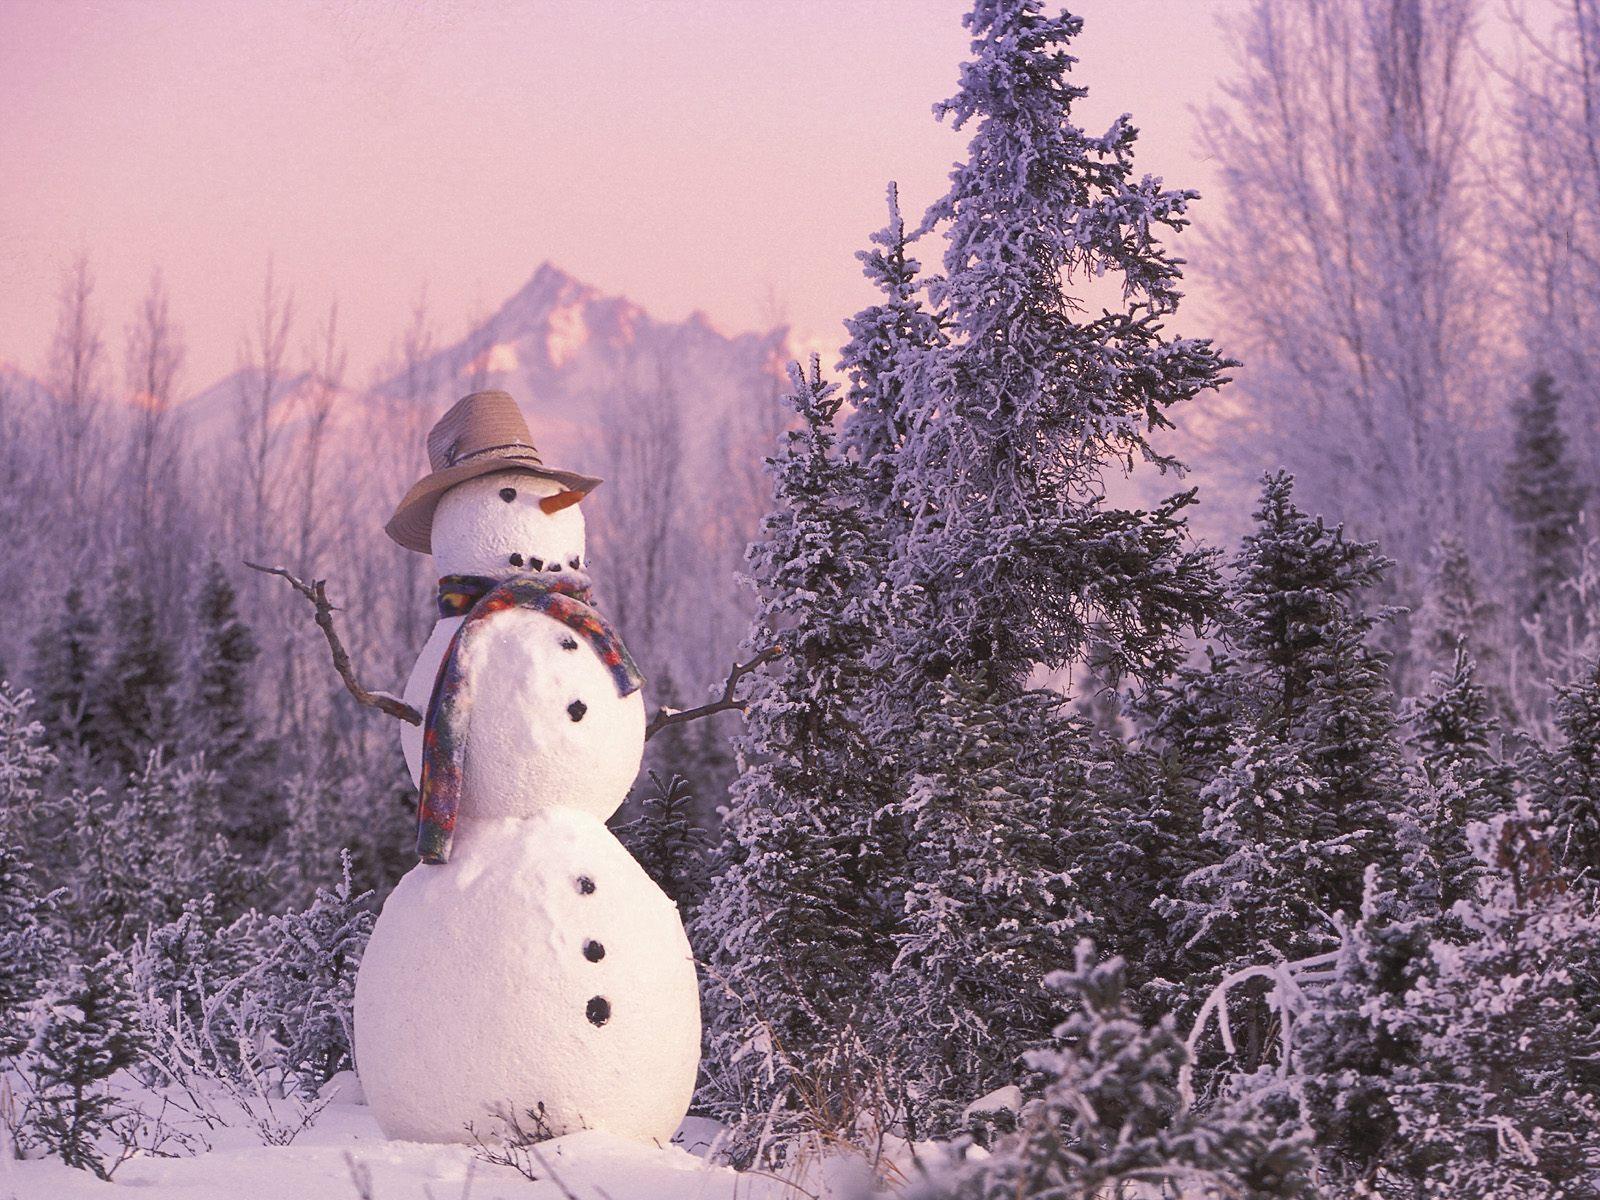 Cute Pink Snowman Wallpaper Snowman Wallpaper High Resolution 8743 Wallpaper